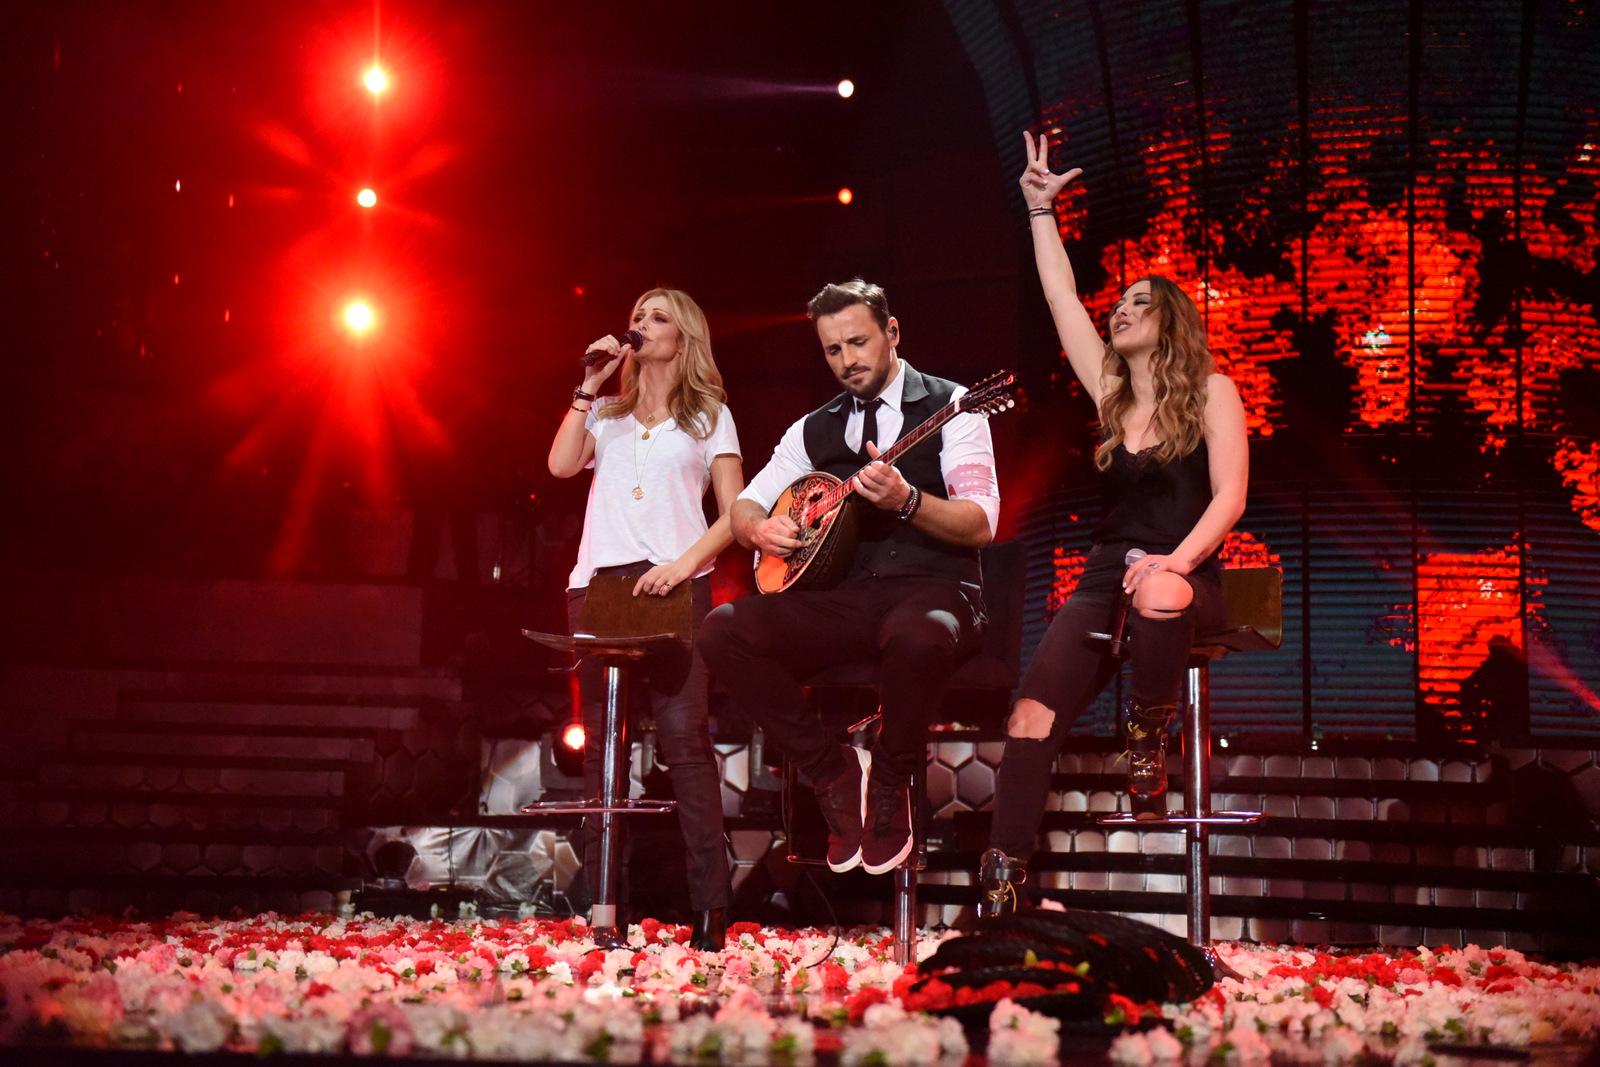 Η Νατάσα Θεοδωρίδου και η Μελίνα Ασλανίδου, διασκέδασαν στο Βέρτη και… είπαν κι ένα τραγούδι! [pics] | tlife.gr